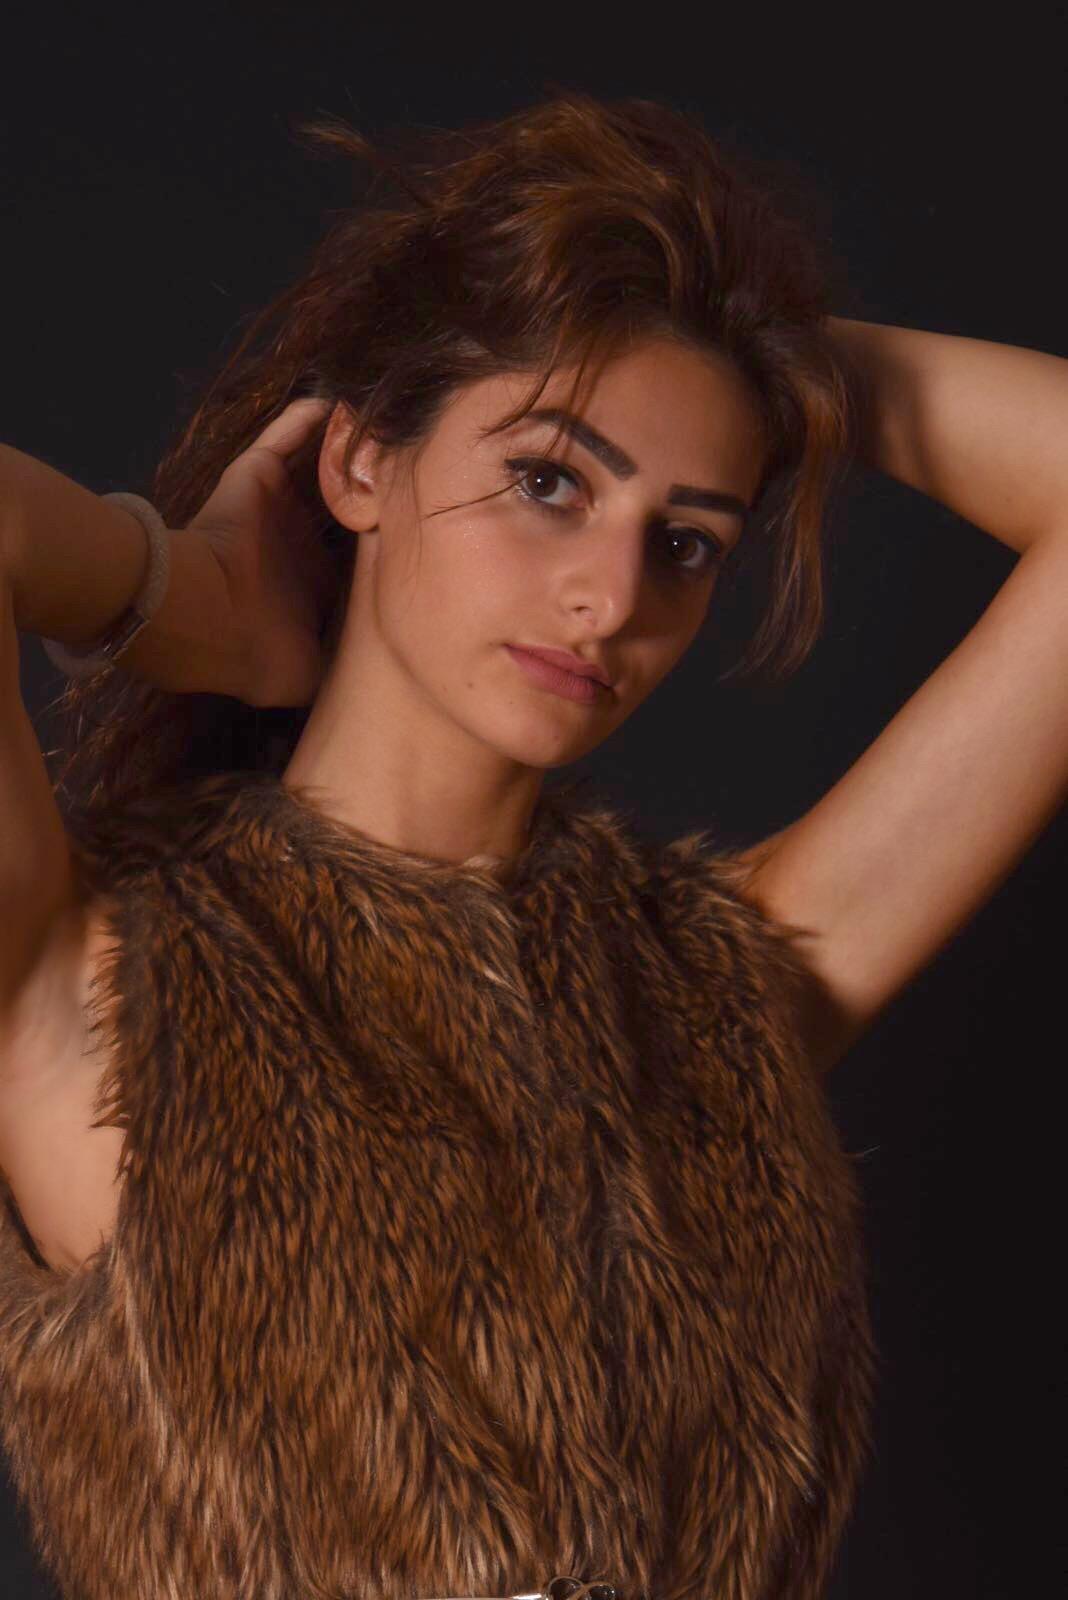 arianna-modellamilano-06